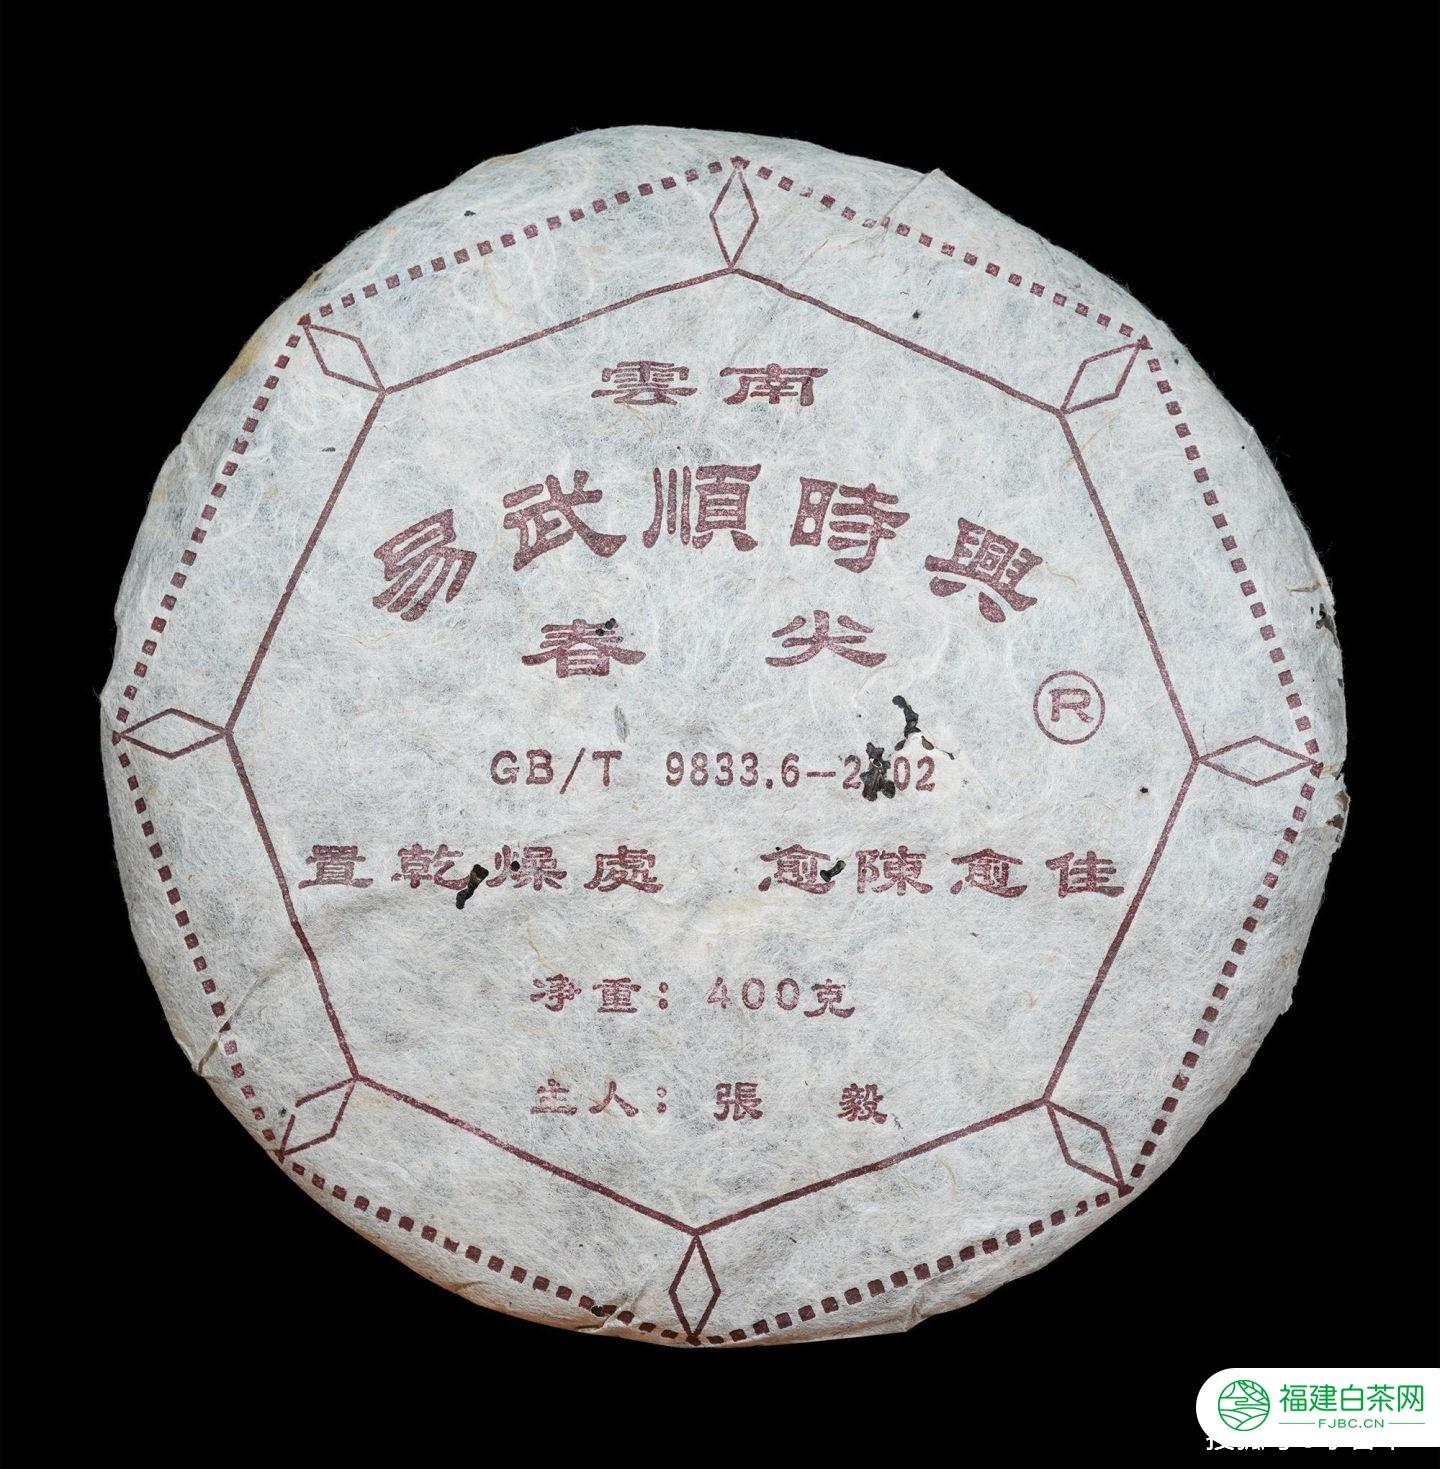 小喜年茶评-2006年易武张毅顺时兴